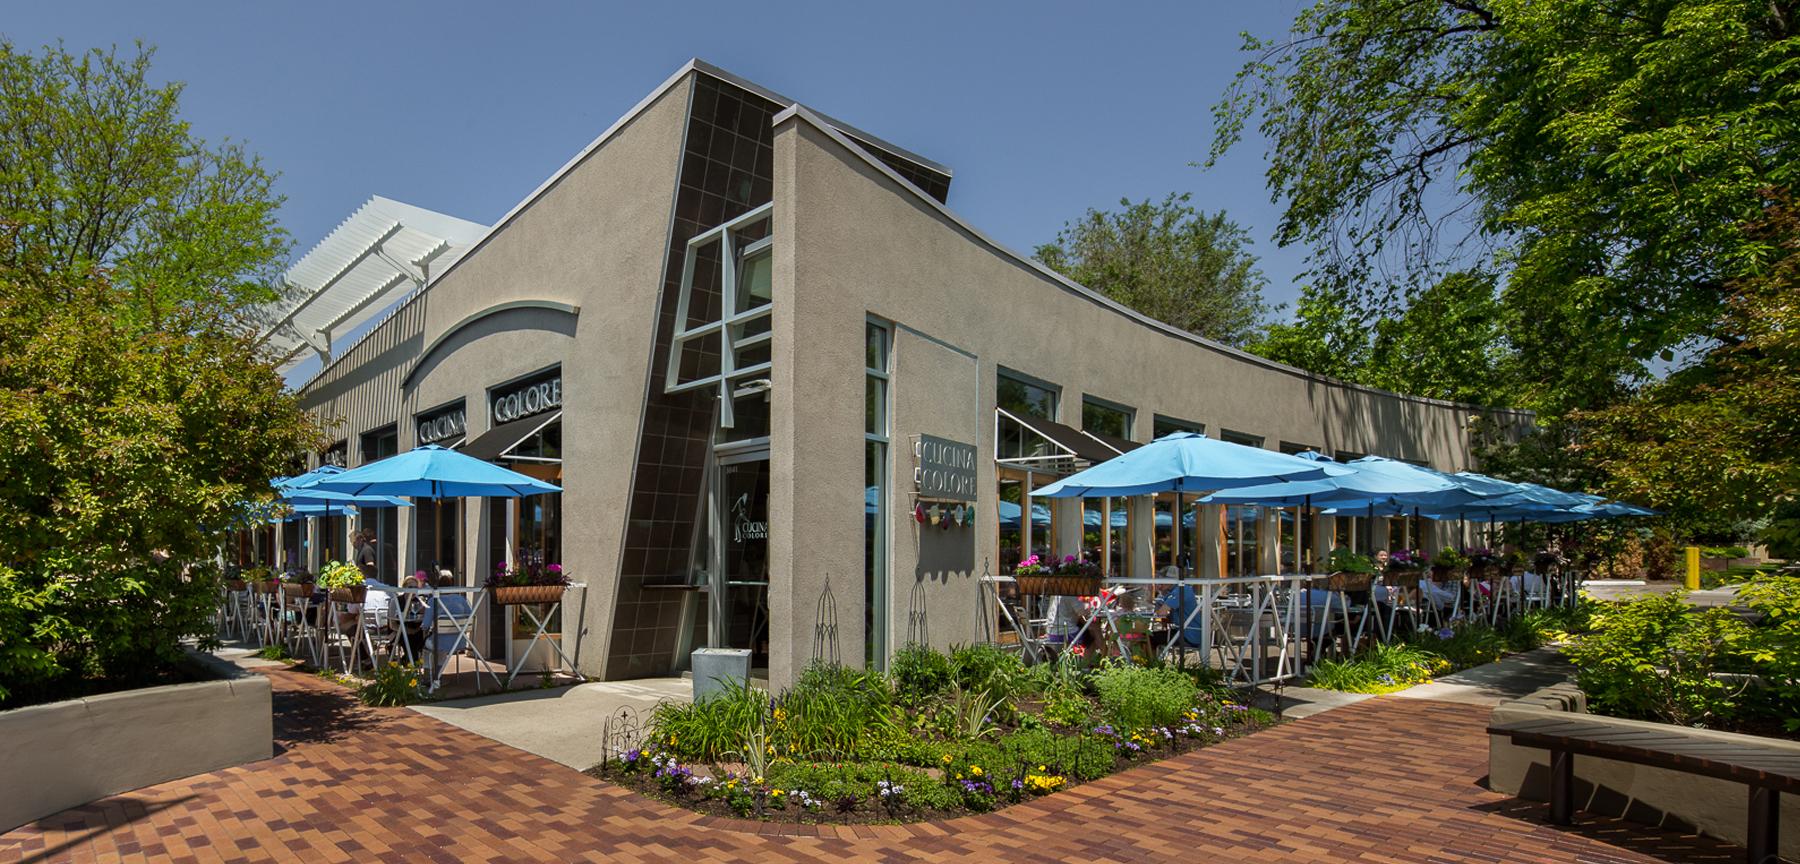 Cucina Colore restaurant exterior